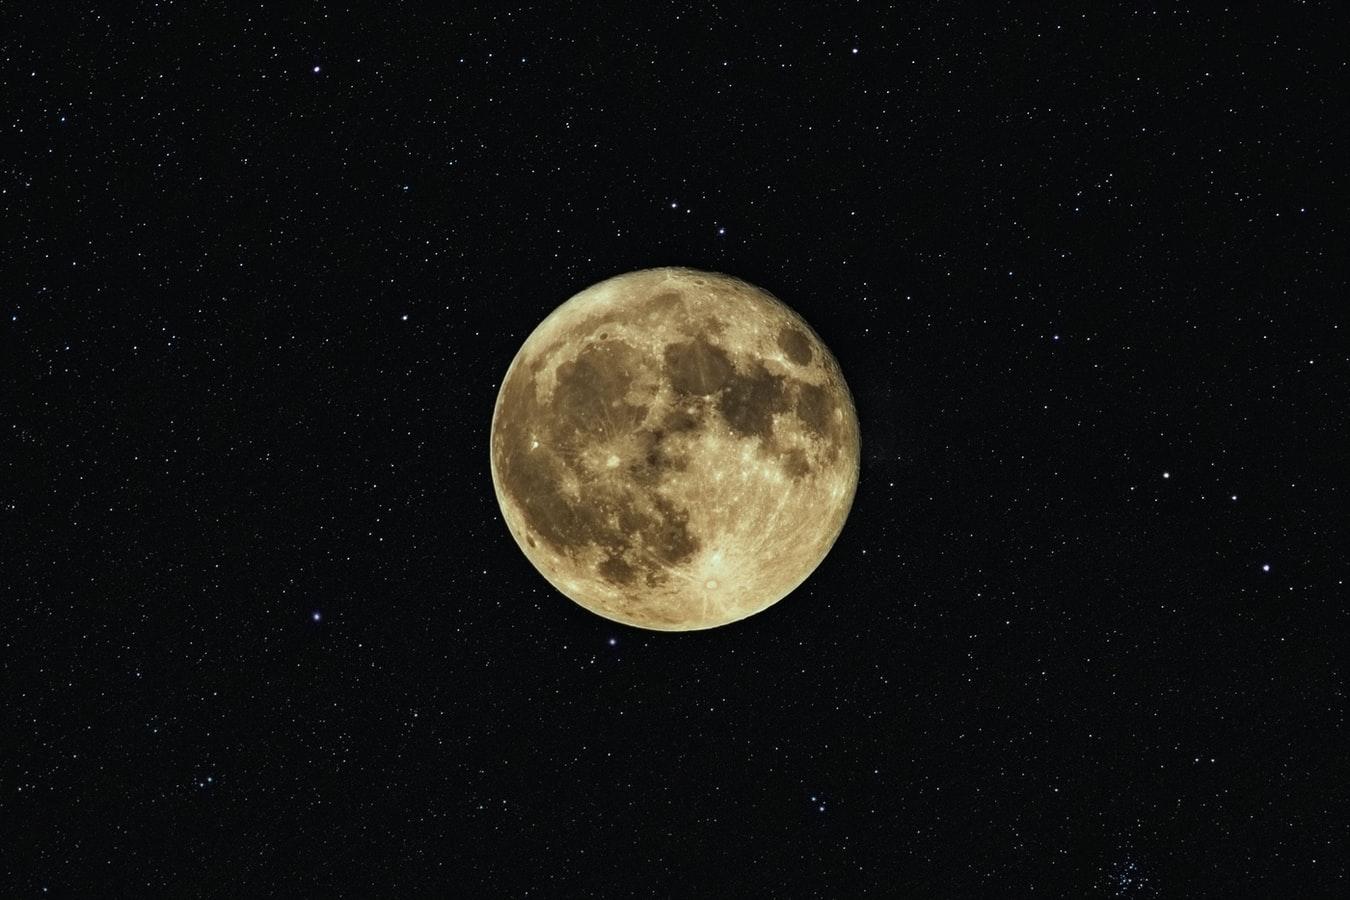 fazy księżyca - księżyc w pełni